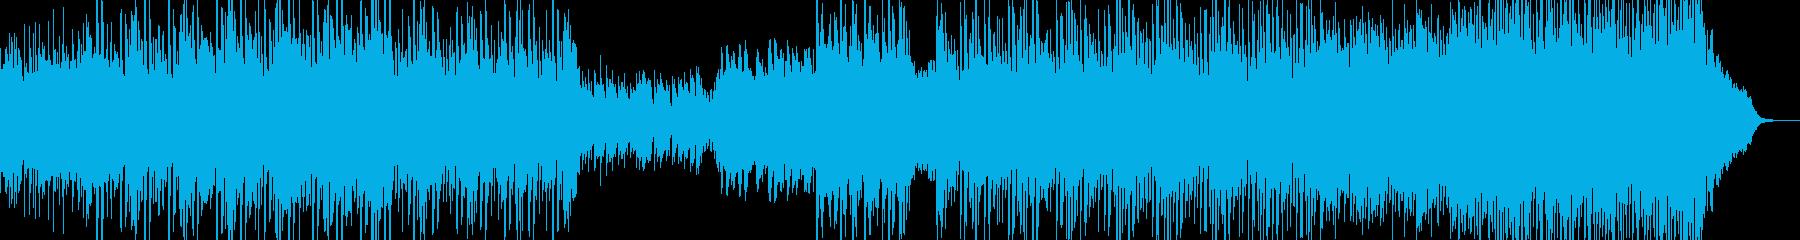 星空 夜の風景、ムードに適したBGMの再生済みの波形